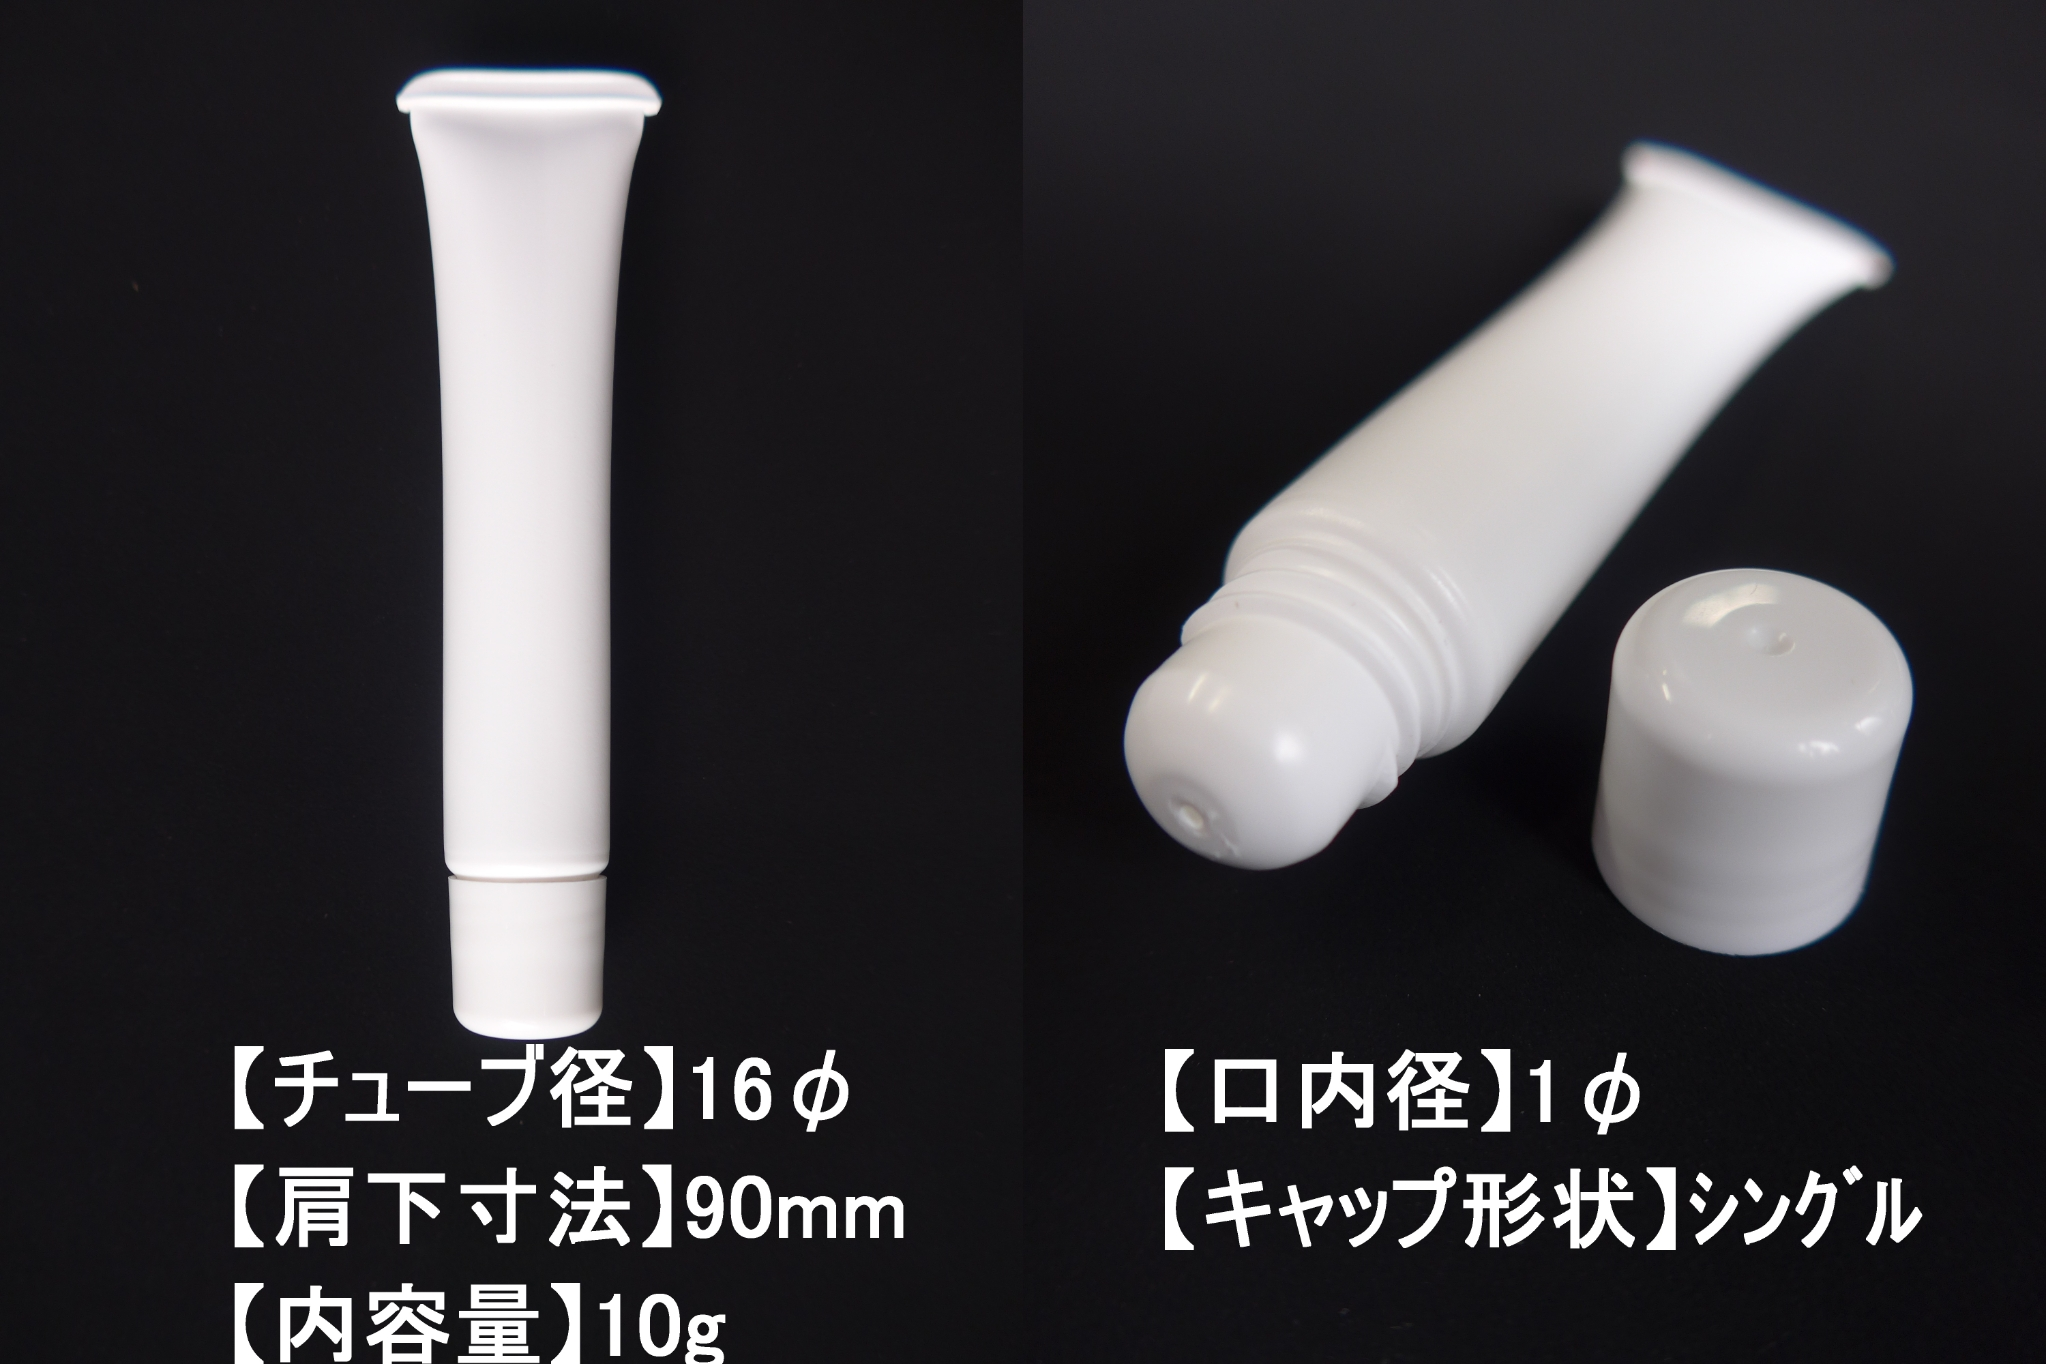 16φ丸 チューブ 容器 リップグロス 化粧品